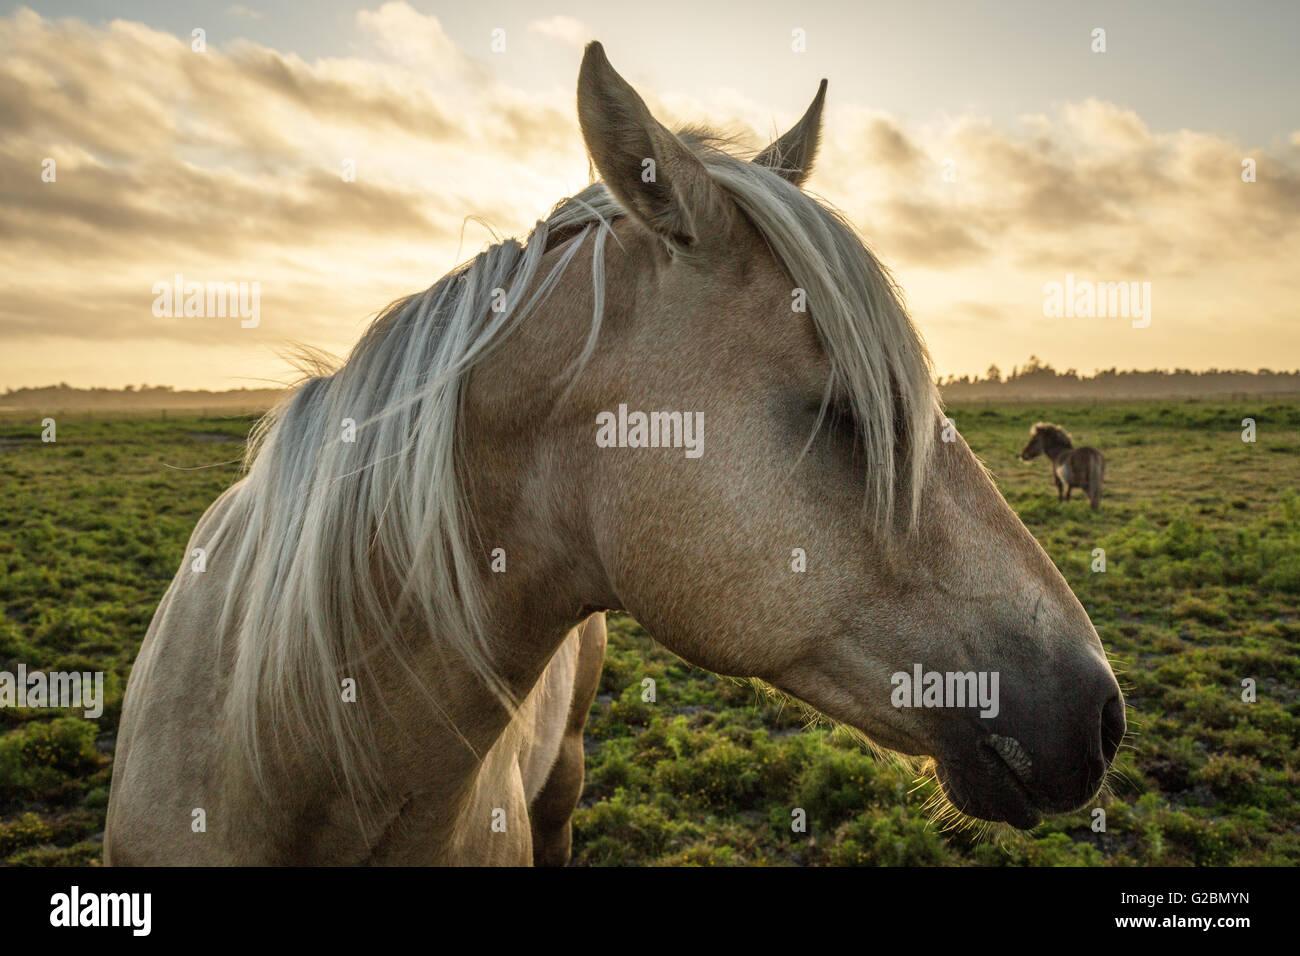 Perfil de un caballo, de cerca, con un mini-caballo en el fondo. Imagen De Stock